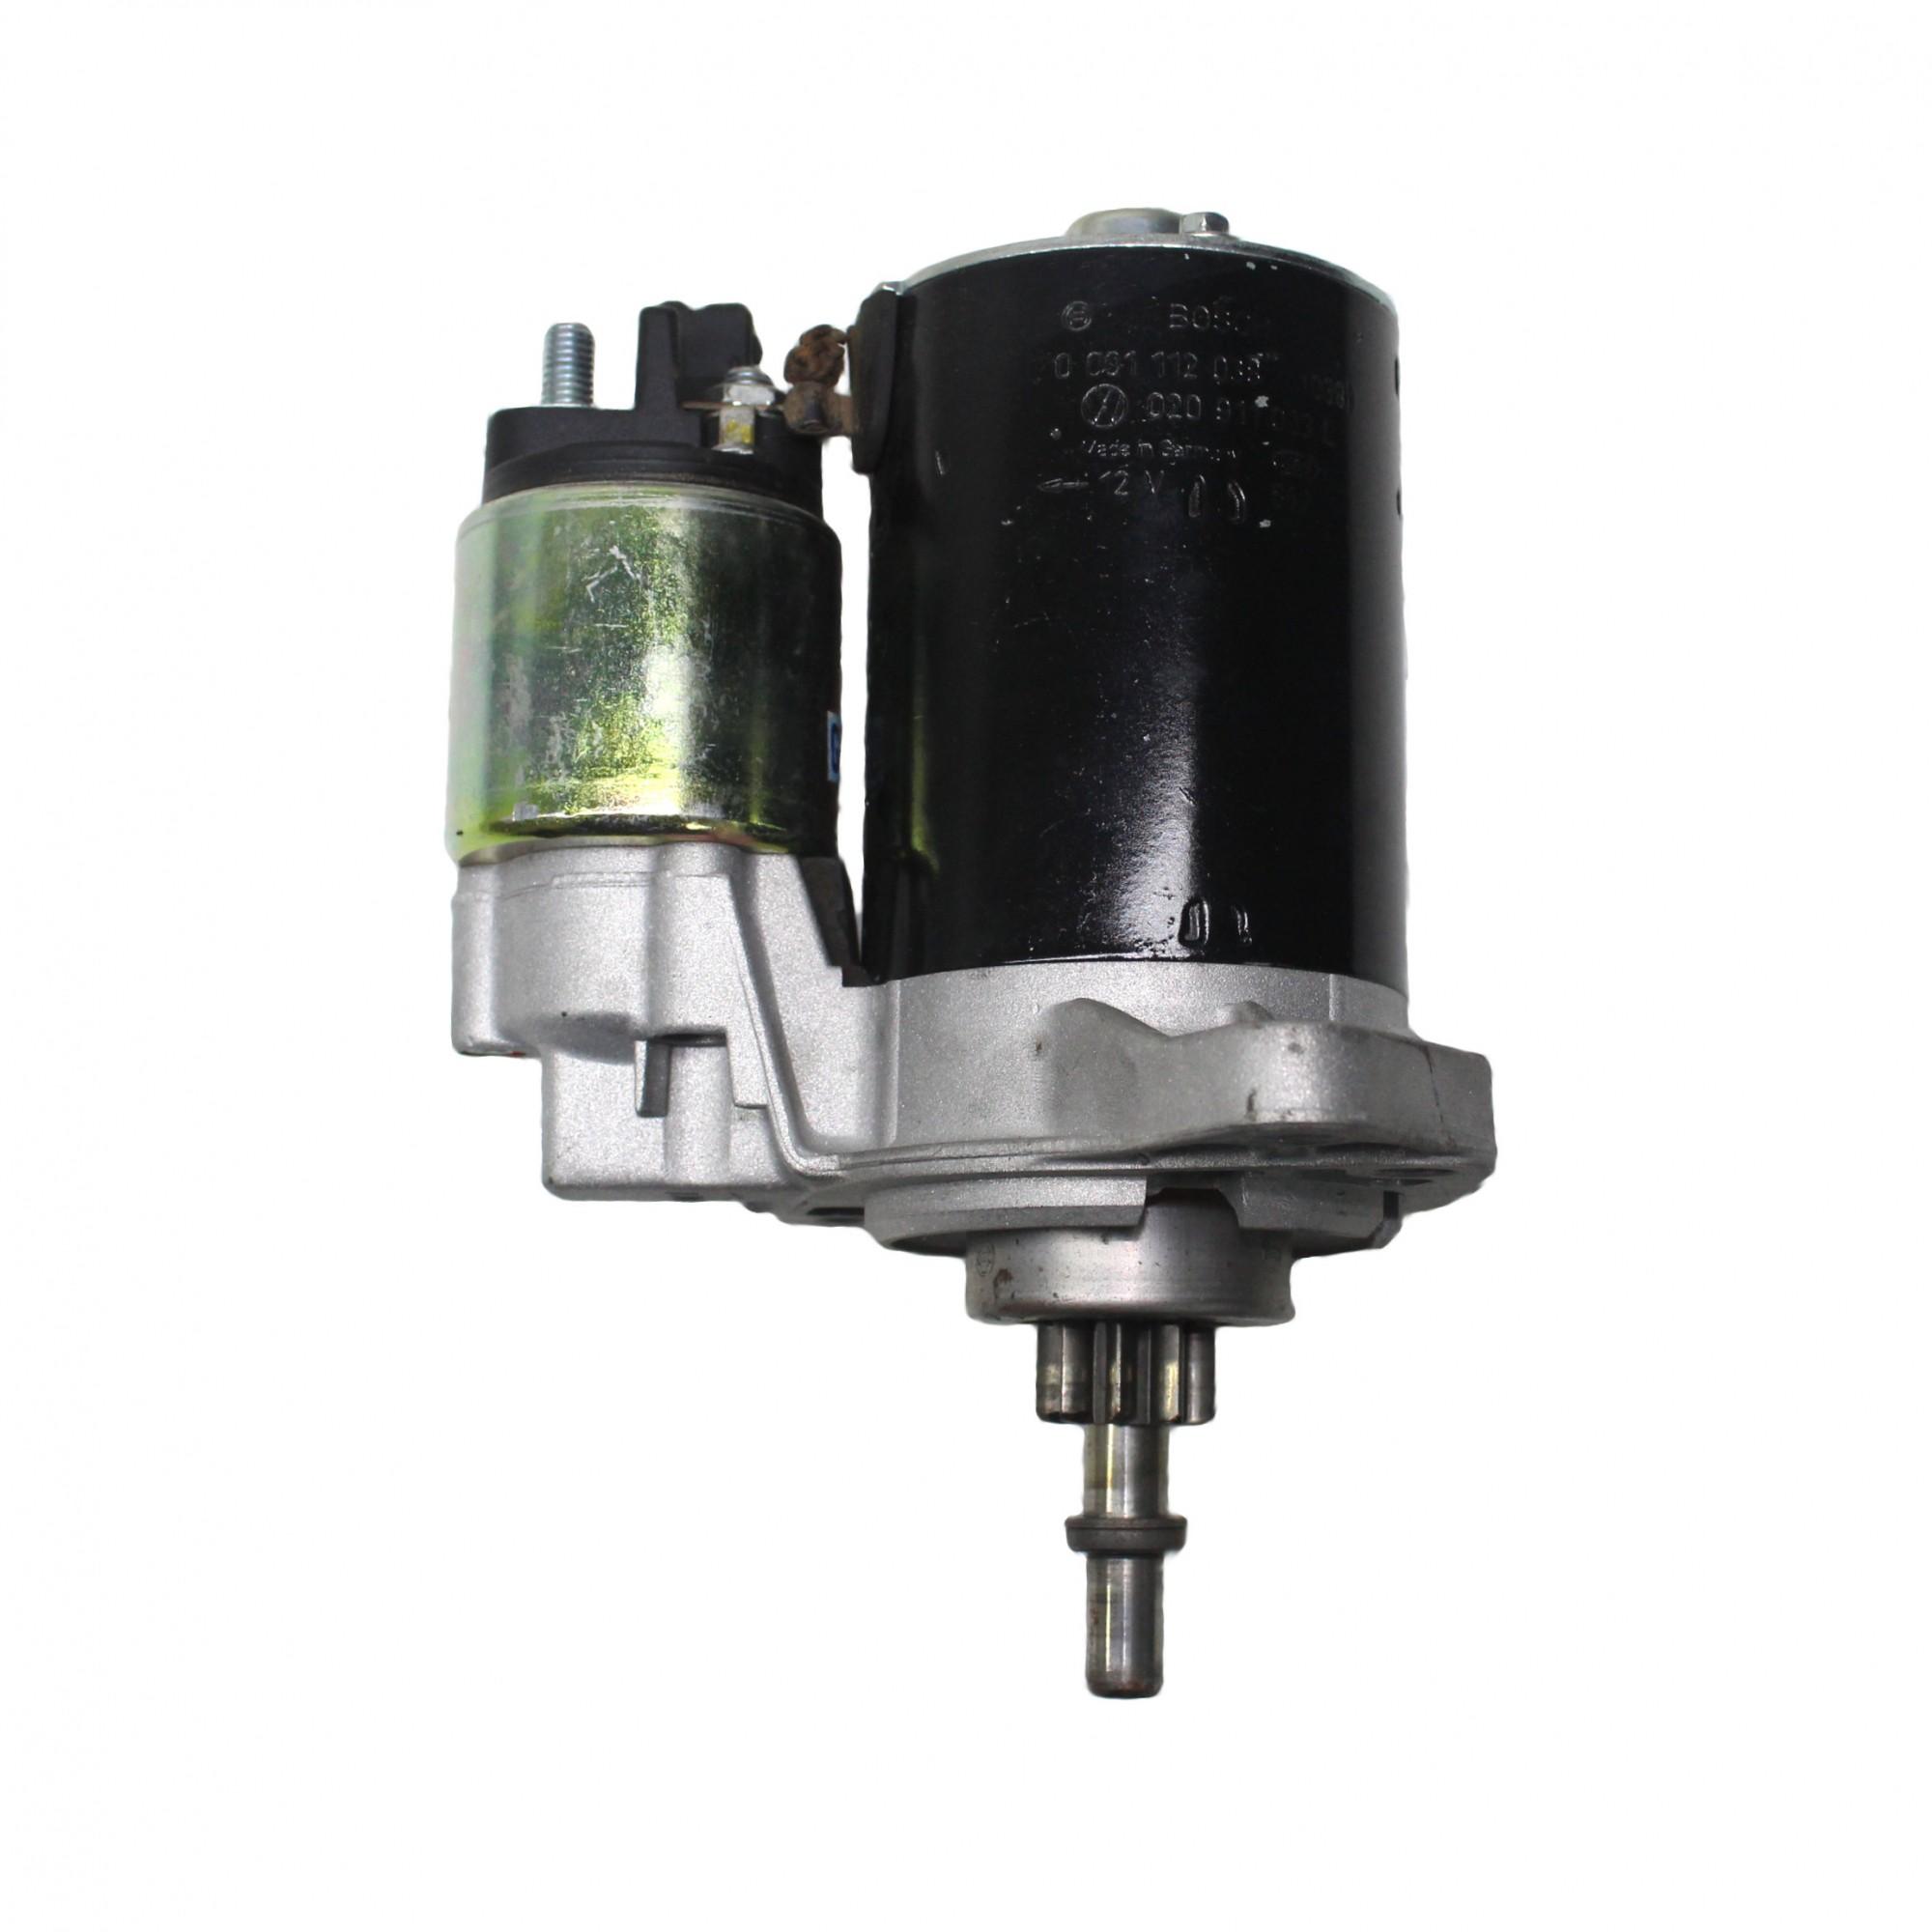 Motor de Arranque Partida Bosch Golf 94...97 1.8, 2.0 0001112038